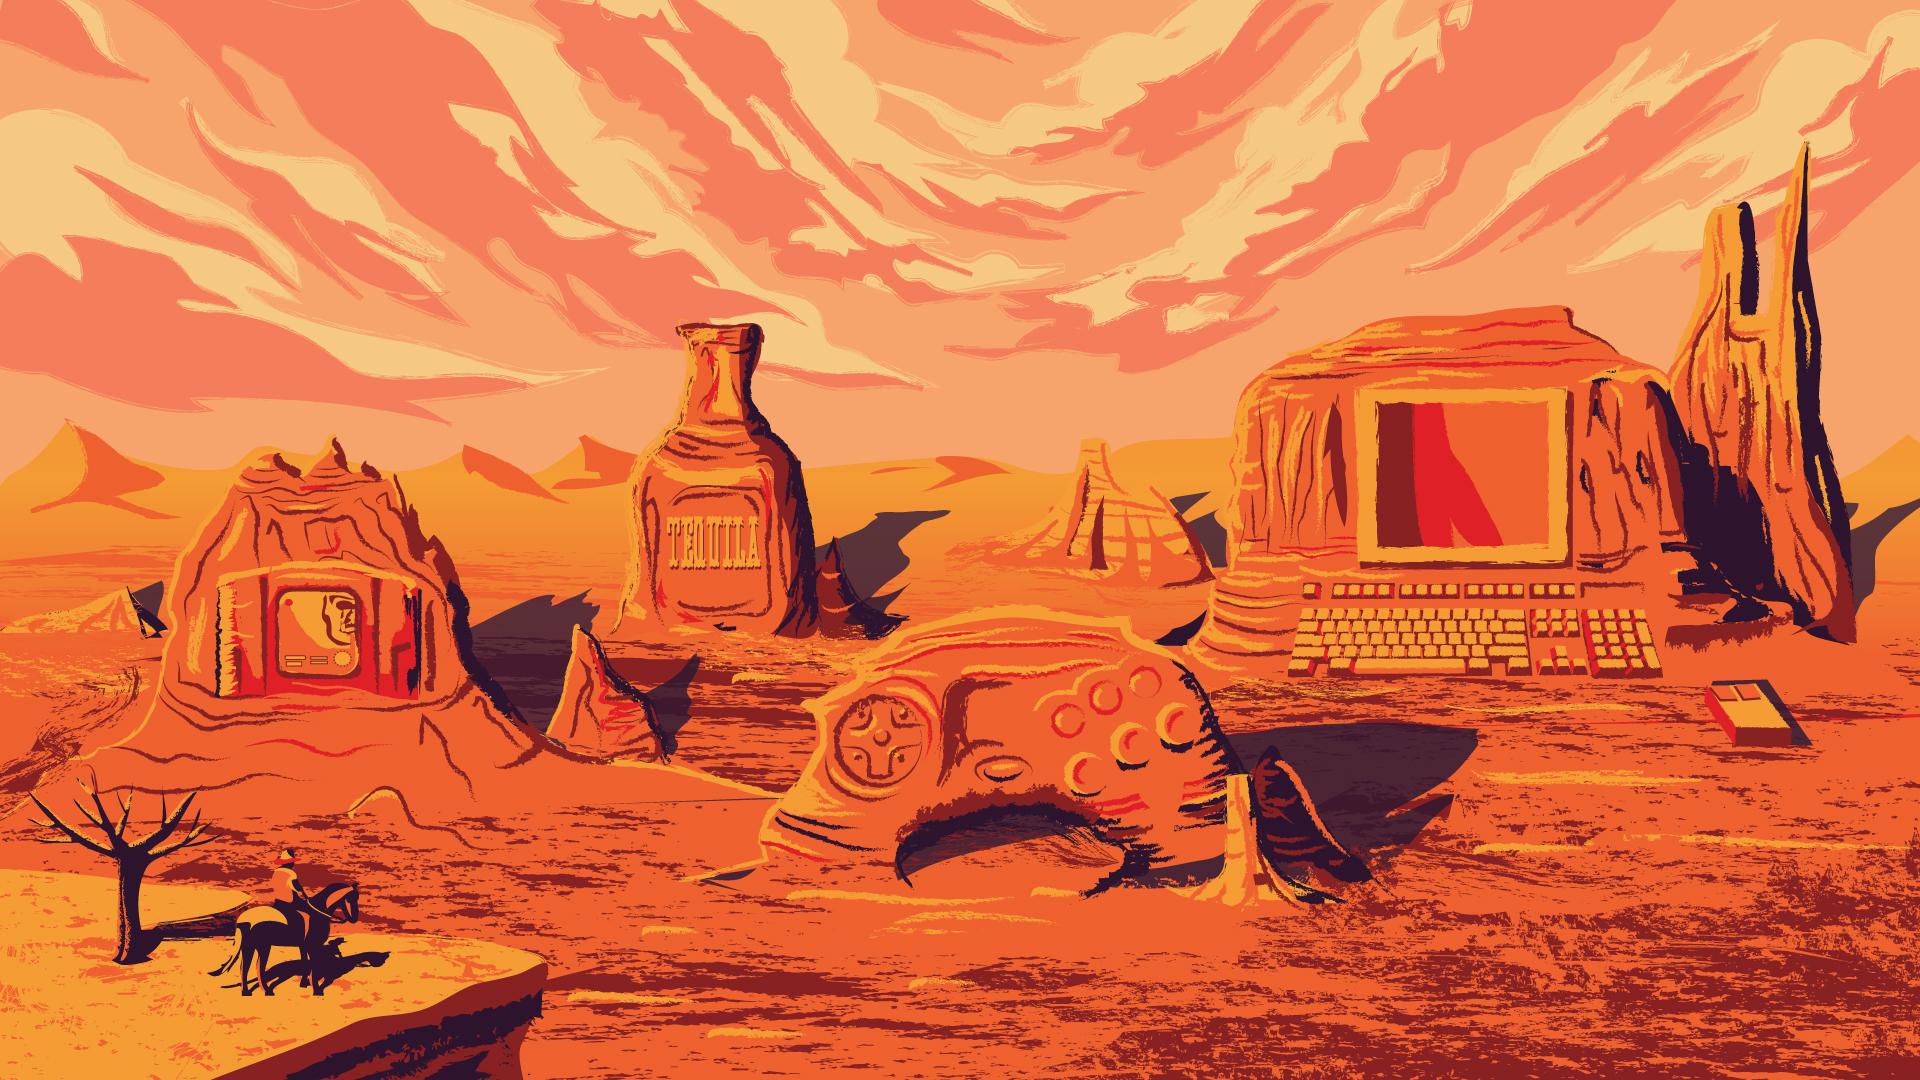 Red Dead franchise illustration